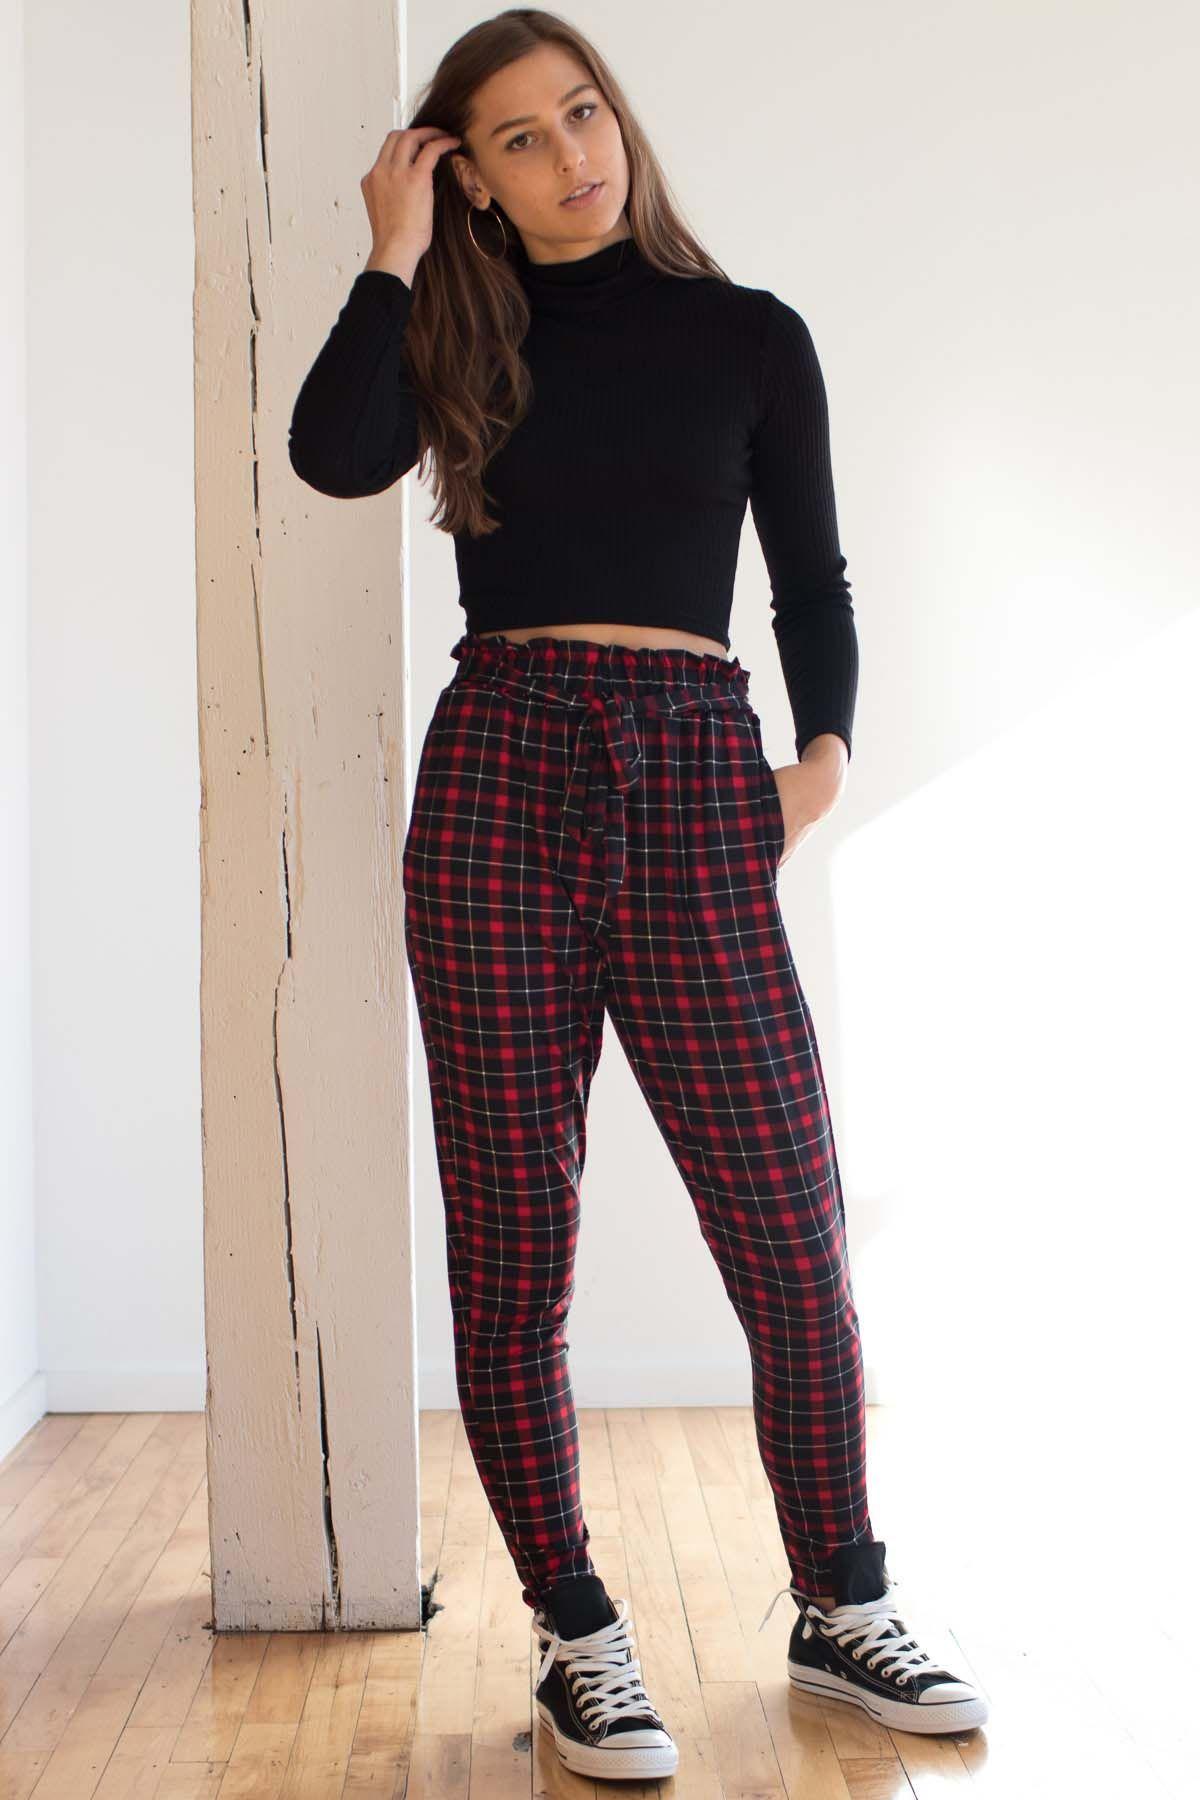 eea7a5c5d3ca8 Red Plaid Paper Bag Pants   • Clothes I Want • in 2018   Pinterest ...